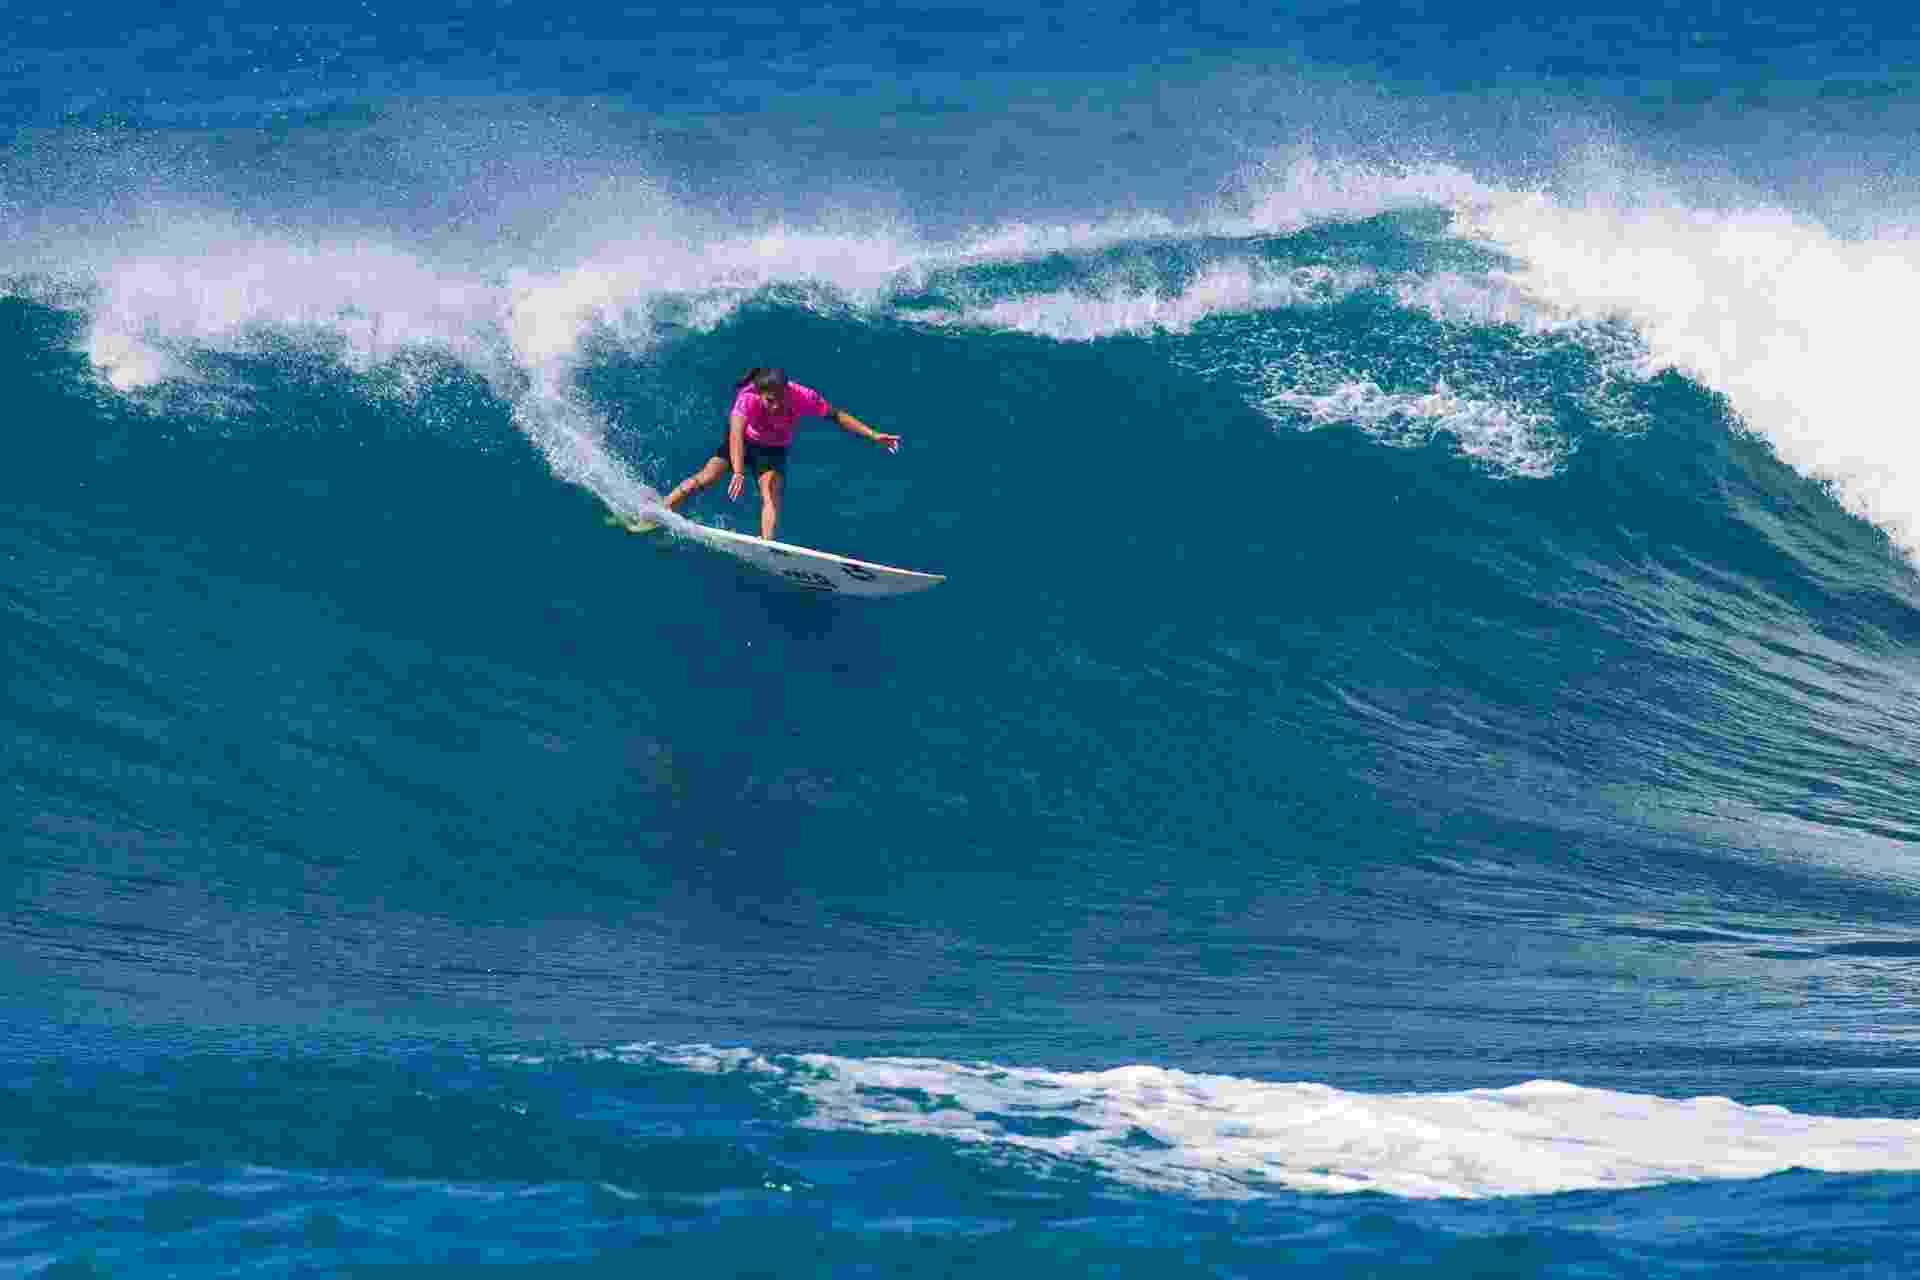 Uma das principais surfistas brasileiras, Silvana Lima surfa em ondas grandes - ©ASP/Kirstin